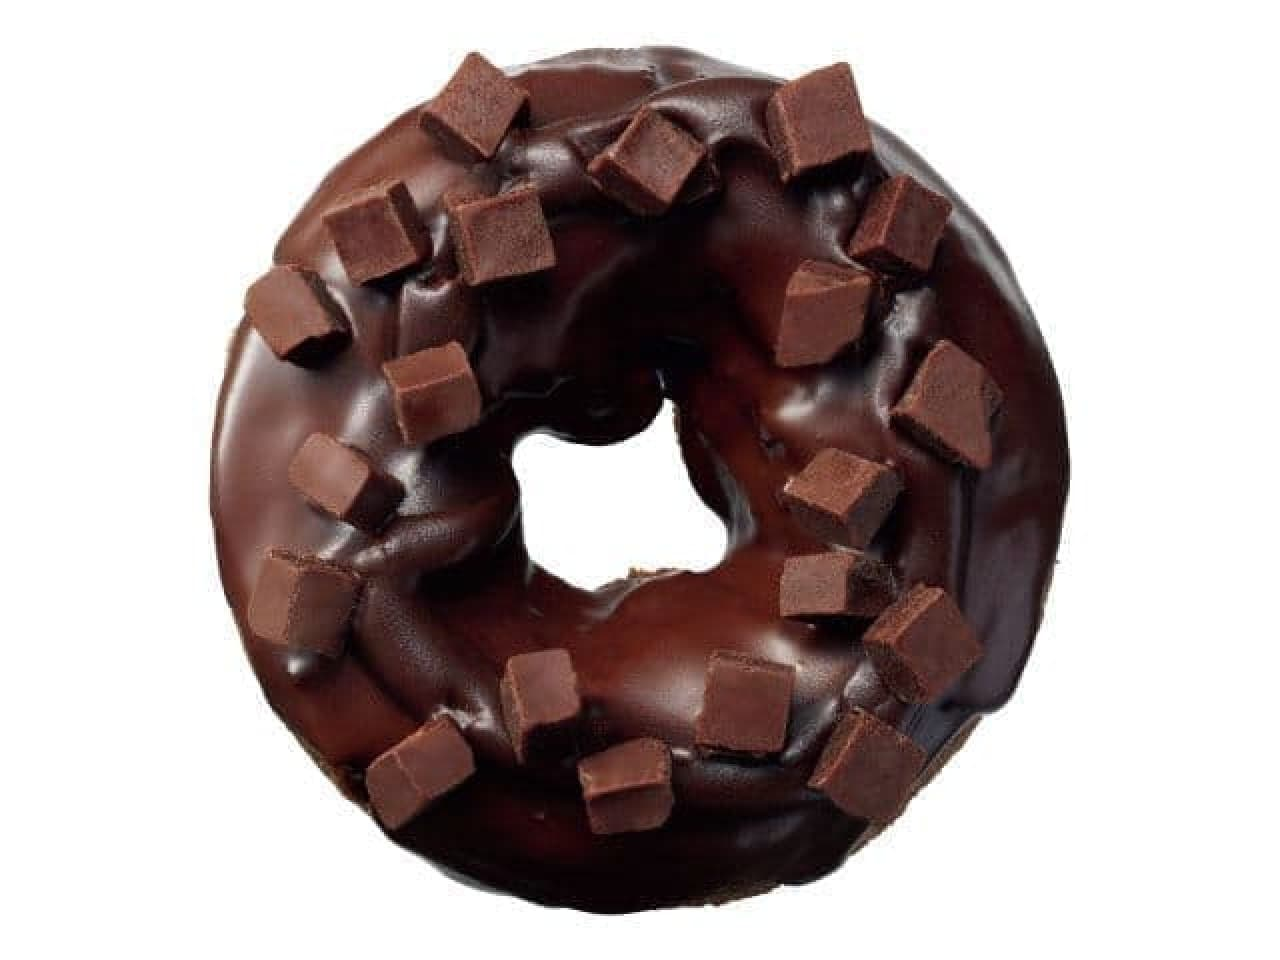 濃厚ショコラドーナツ